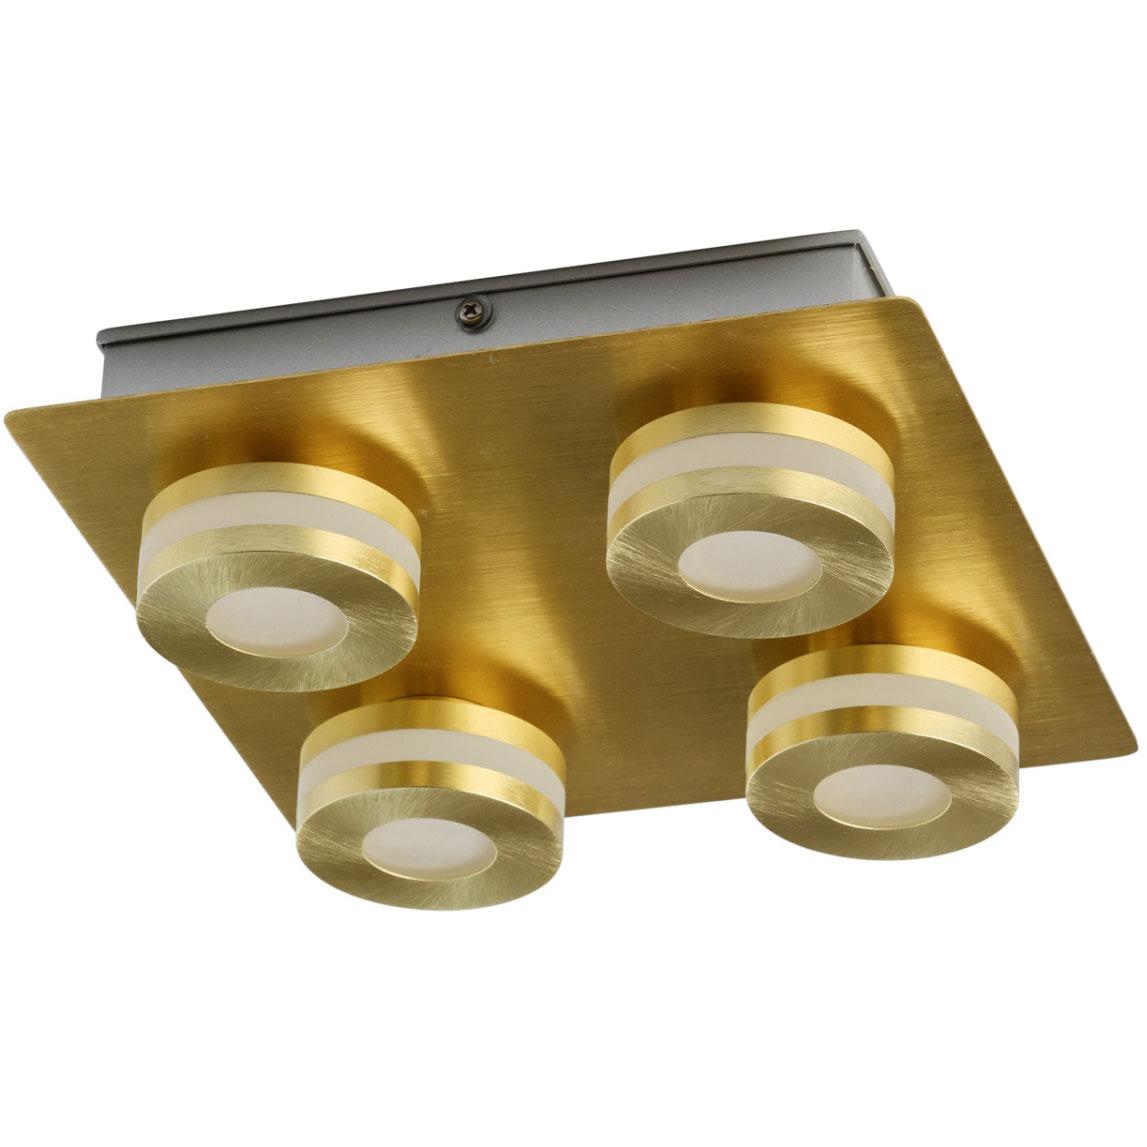 Oświetlenie Sufitowe Do łazienki Matowe Złoto 4 Punkty Led Demarkt Techno